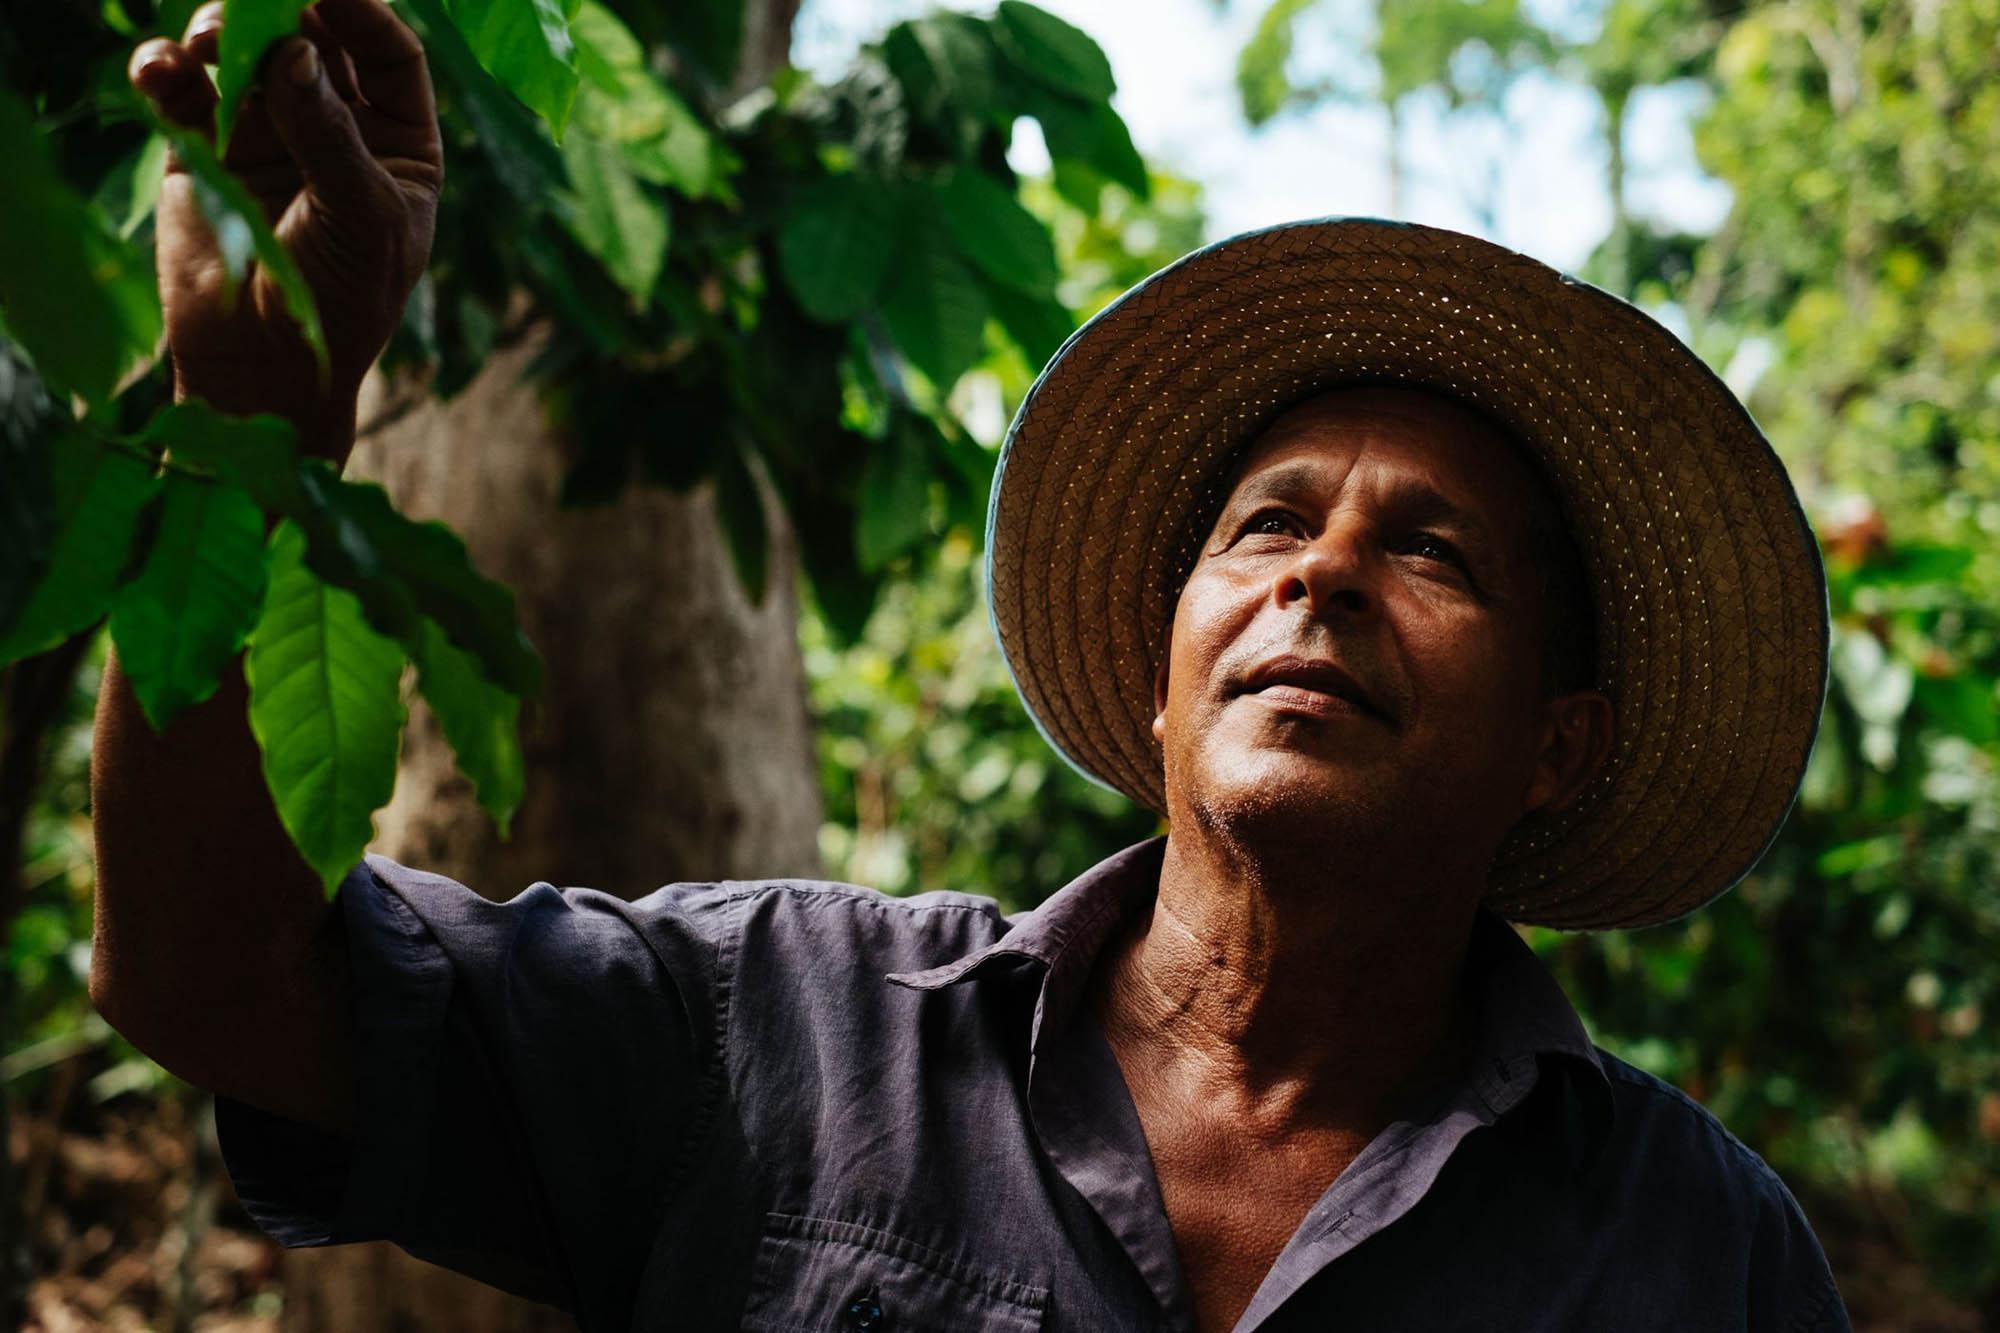 Mann mit Strohhut auf einer Plantage